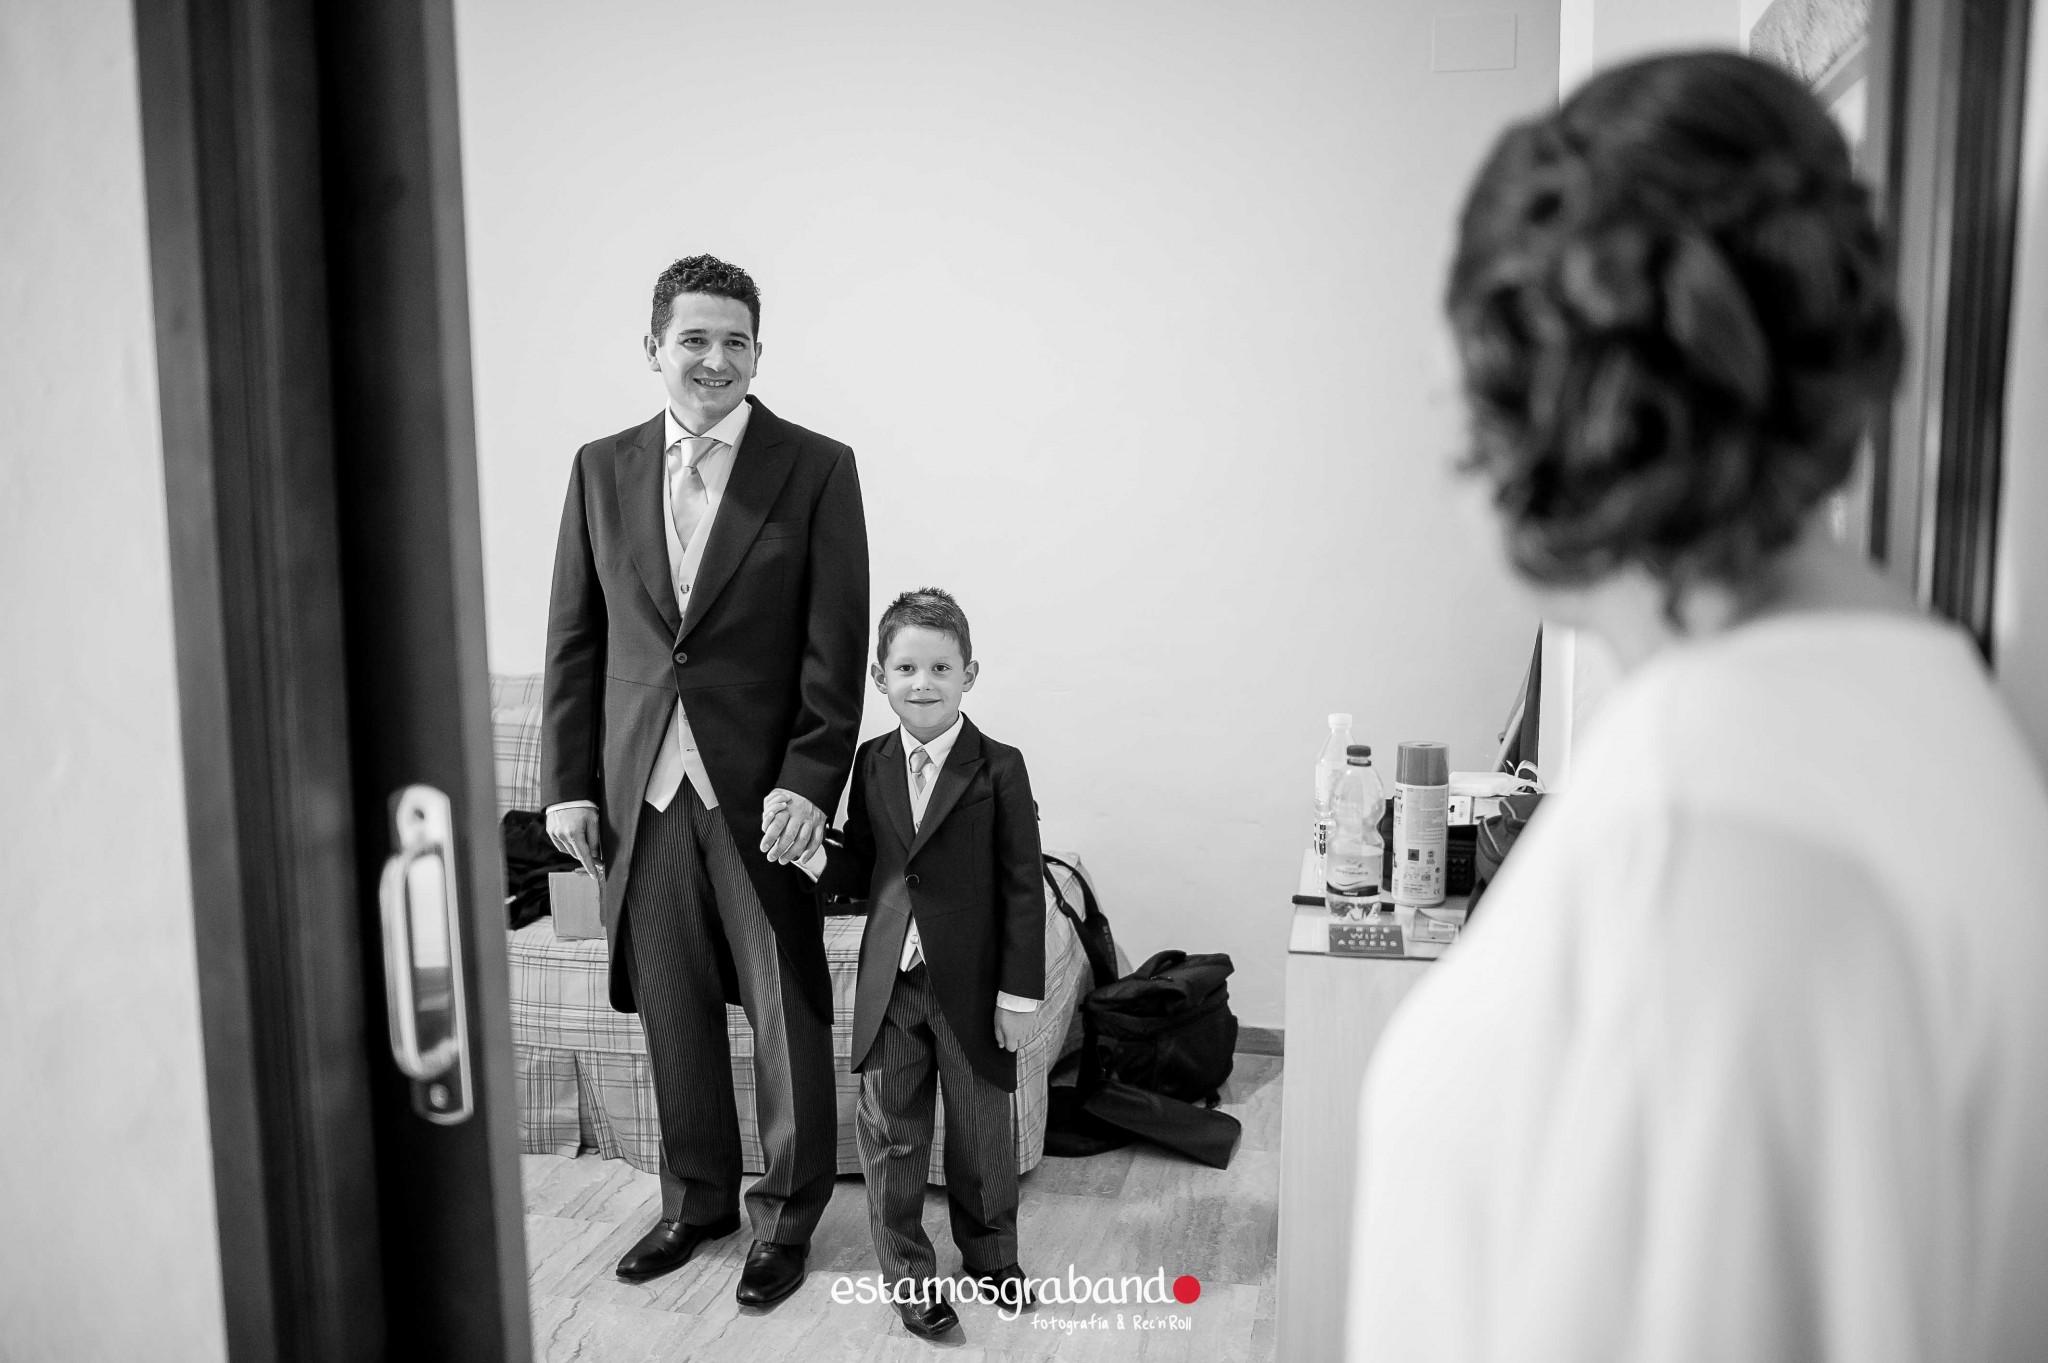 boda-en-chiclana_sonia-y-diego_fotograficc81a-de-boda-20 Zahara Sonia + Diego [Fotografía de Boda en Zahara] - video boda cadiz